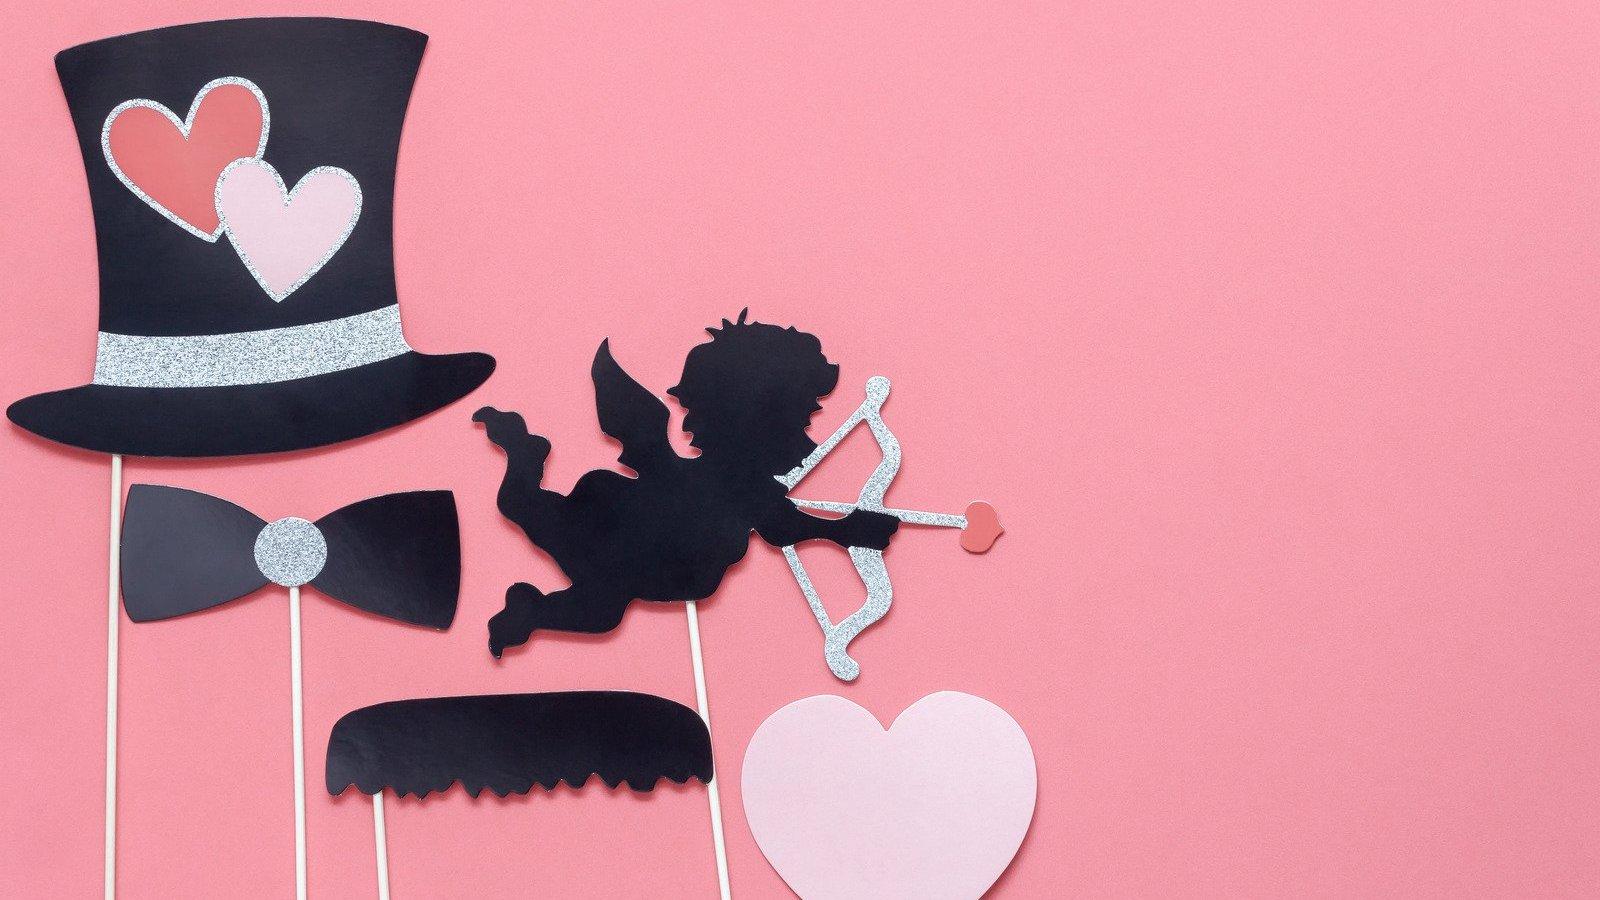 Plaquinhas de papel de cartola, coração e anjo com arco e flecha.